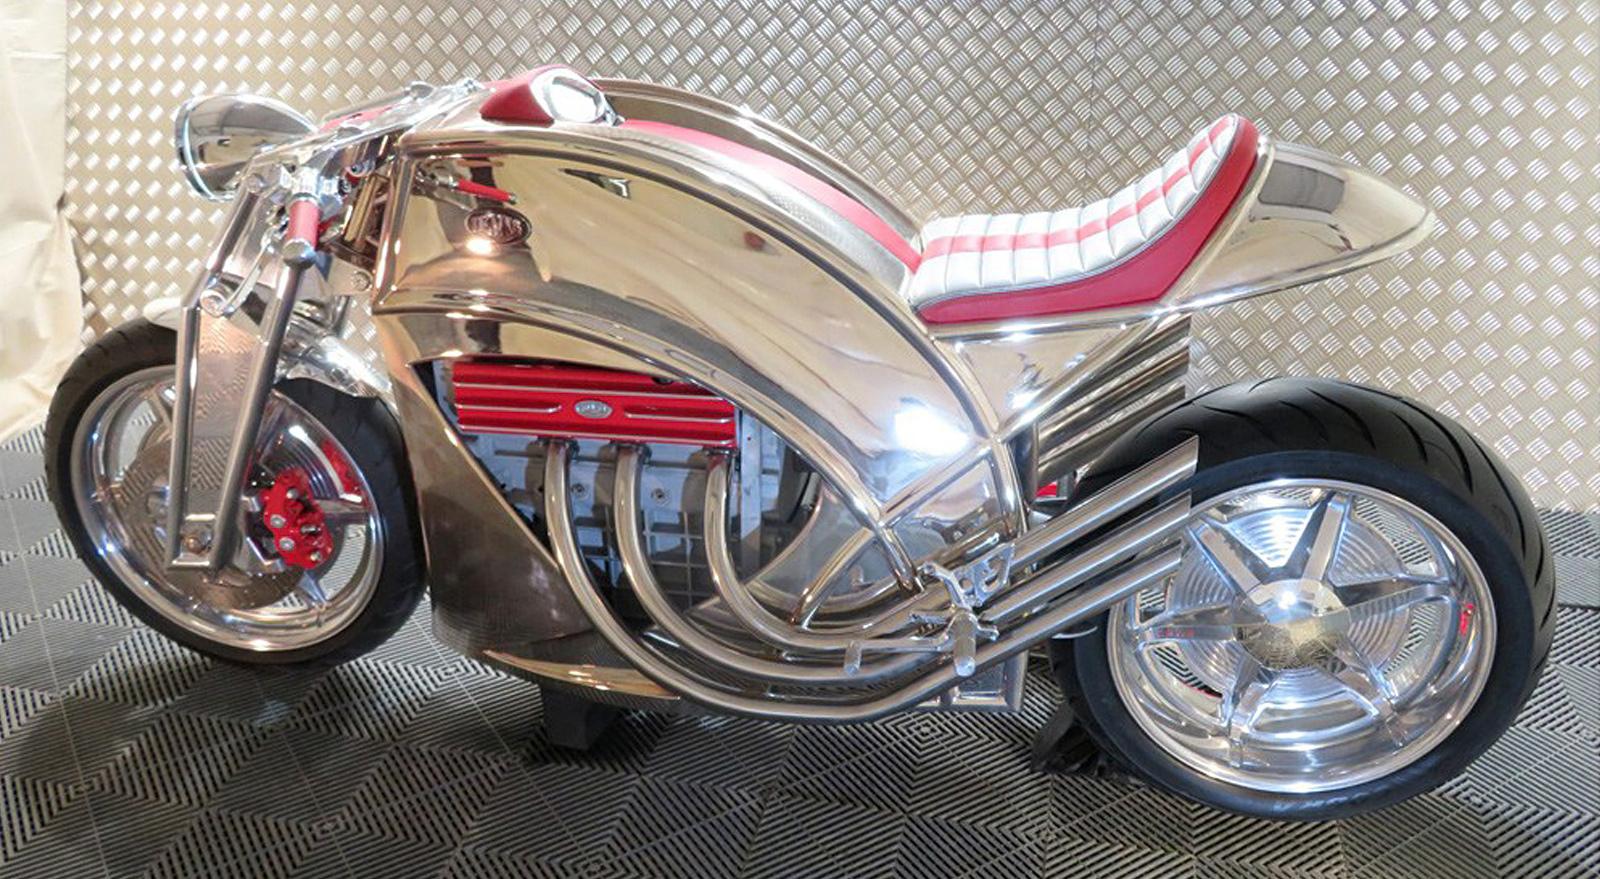 De nieuwe Ducati Monster: vanaf 13.390 euro - ALLE DETAILS